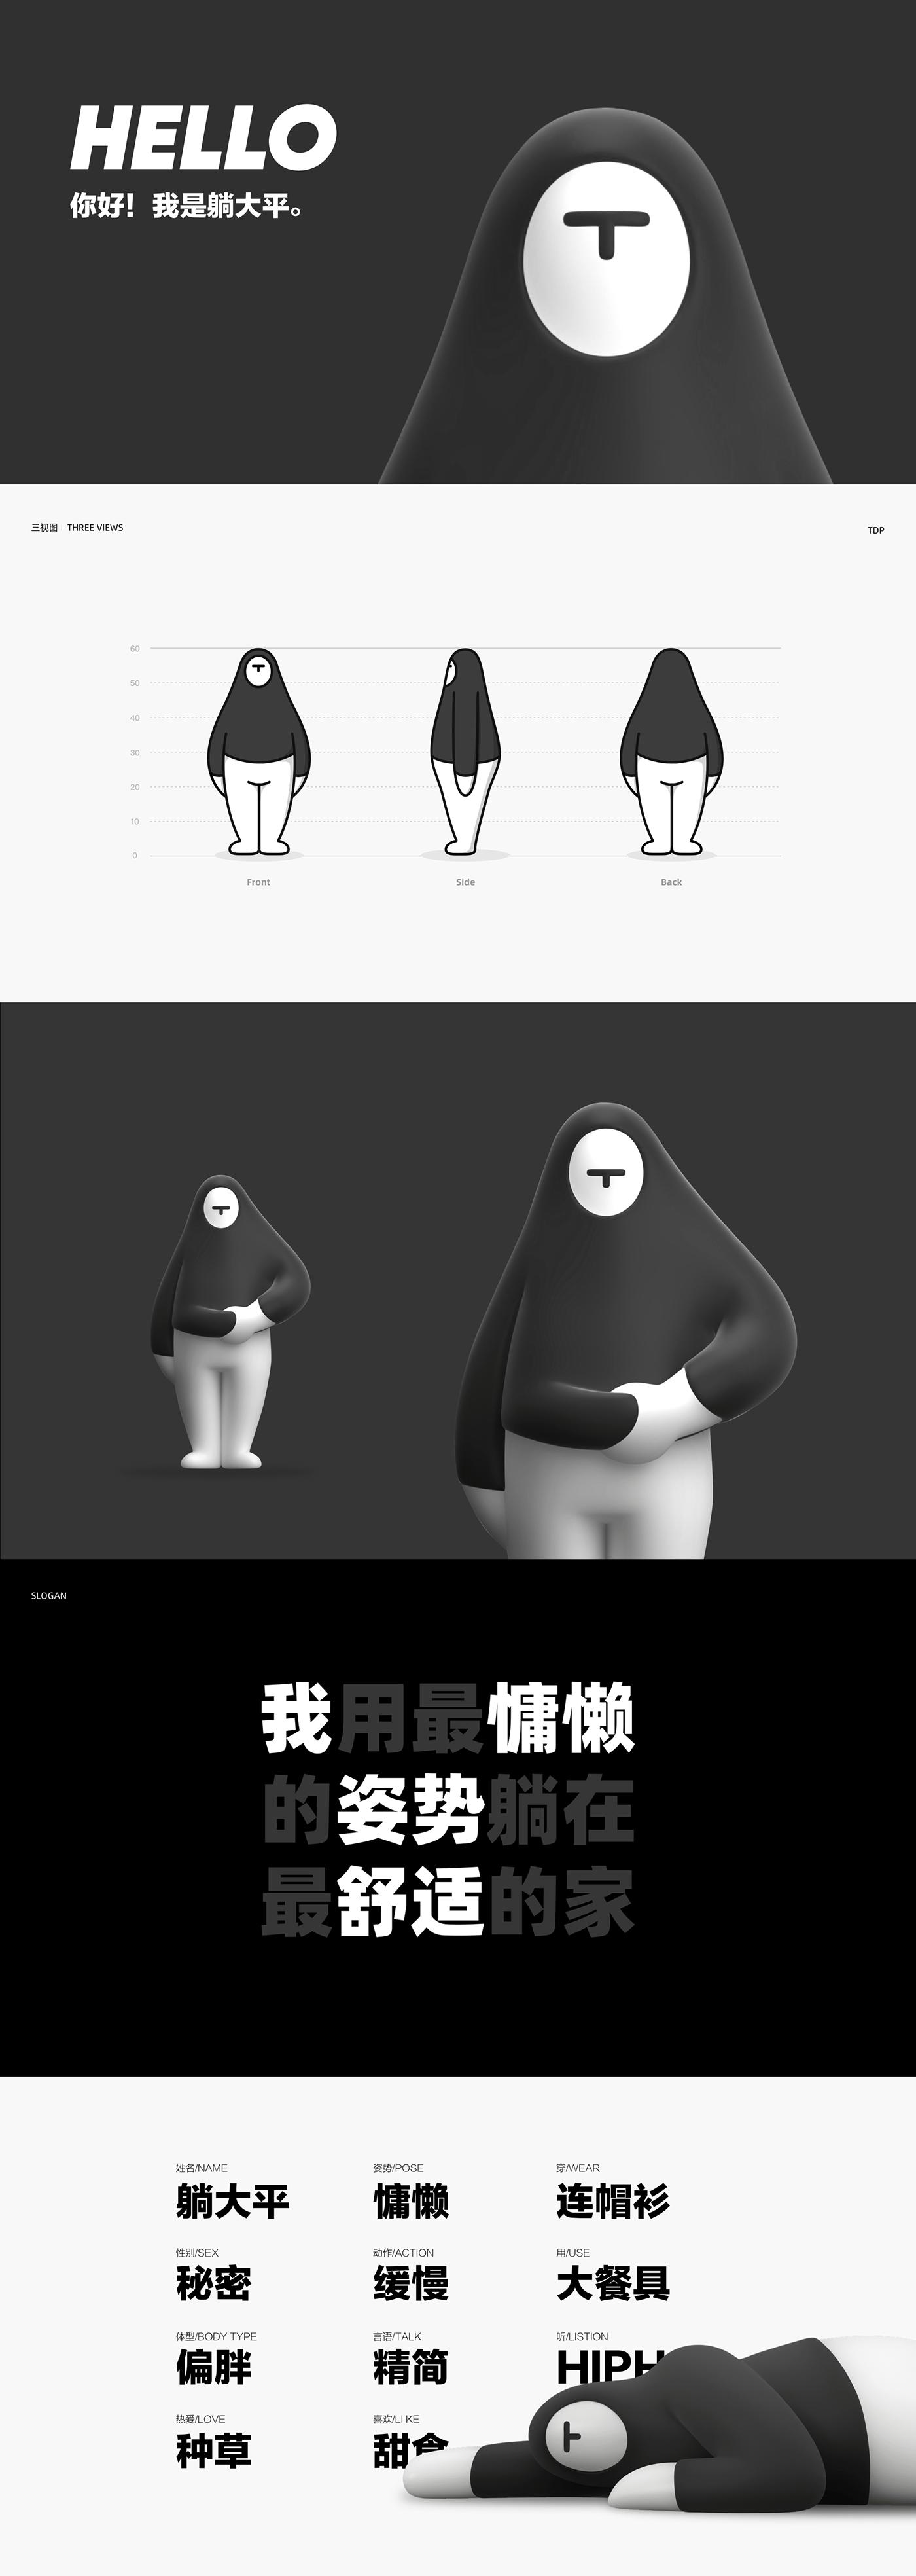 Image may contain: cartoon and screenshot